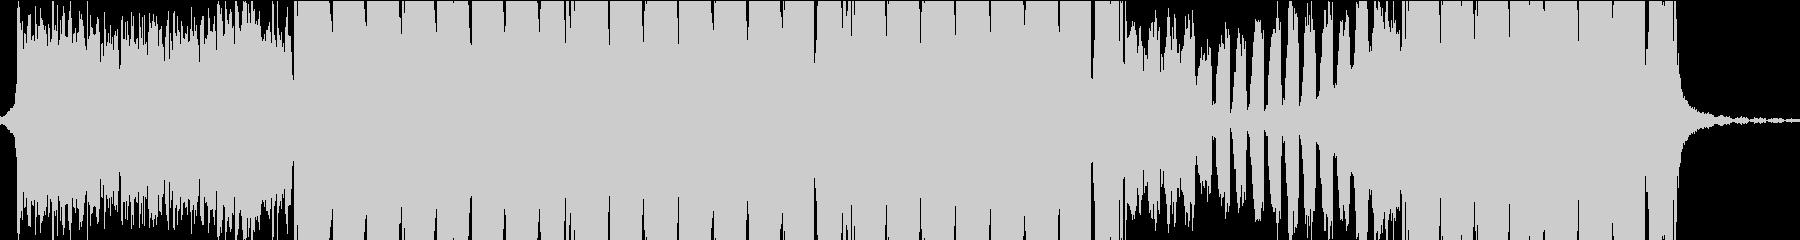 二 ステップ ガレージ レトロ ス...の未再生の波形